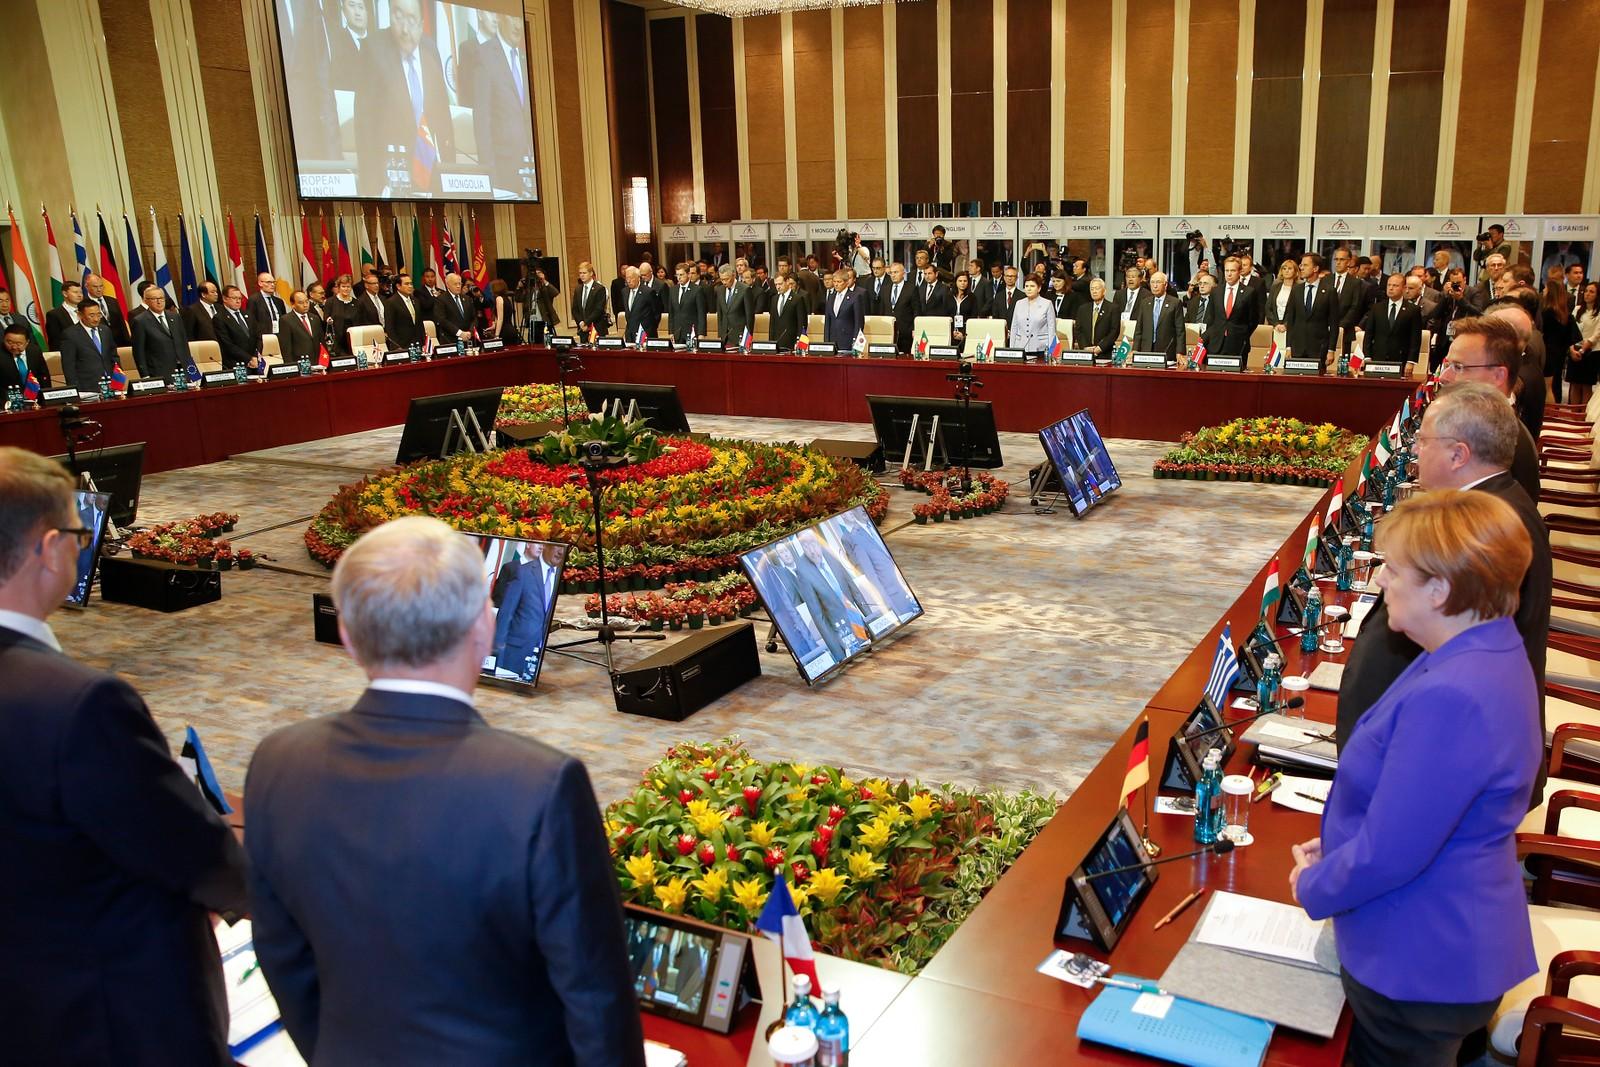 Europas ledere holder et minutts stillhet under et møte i Ulaanbaatar i Mongolia.